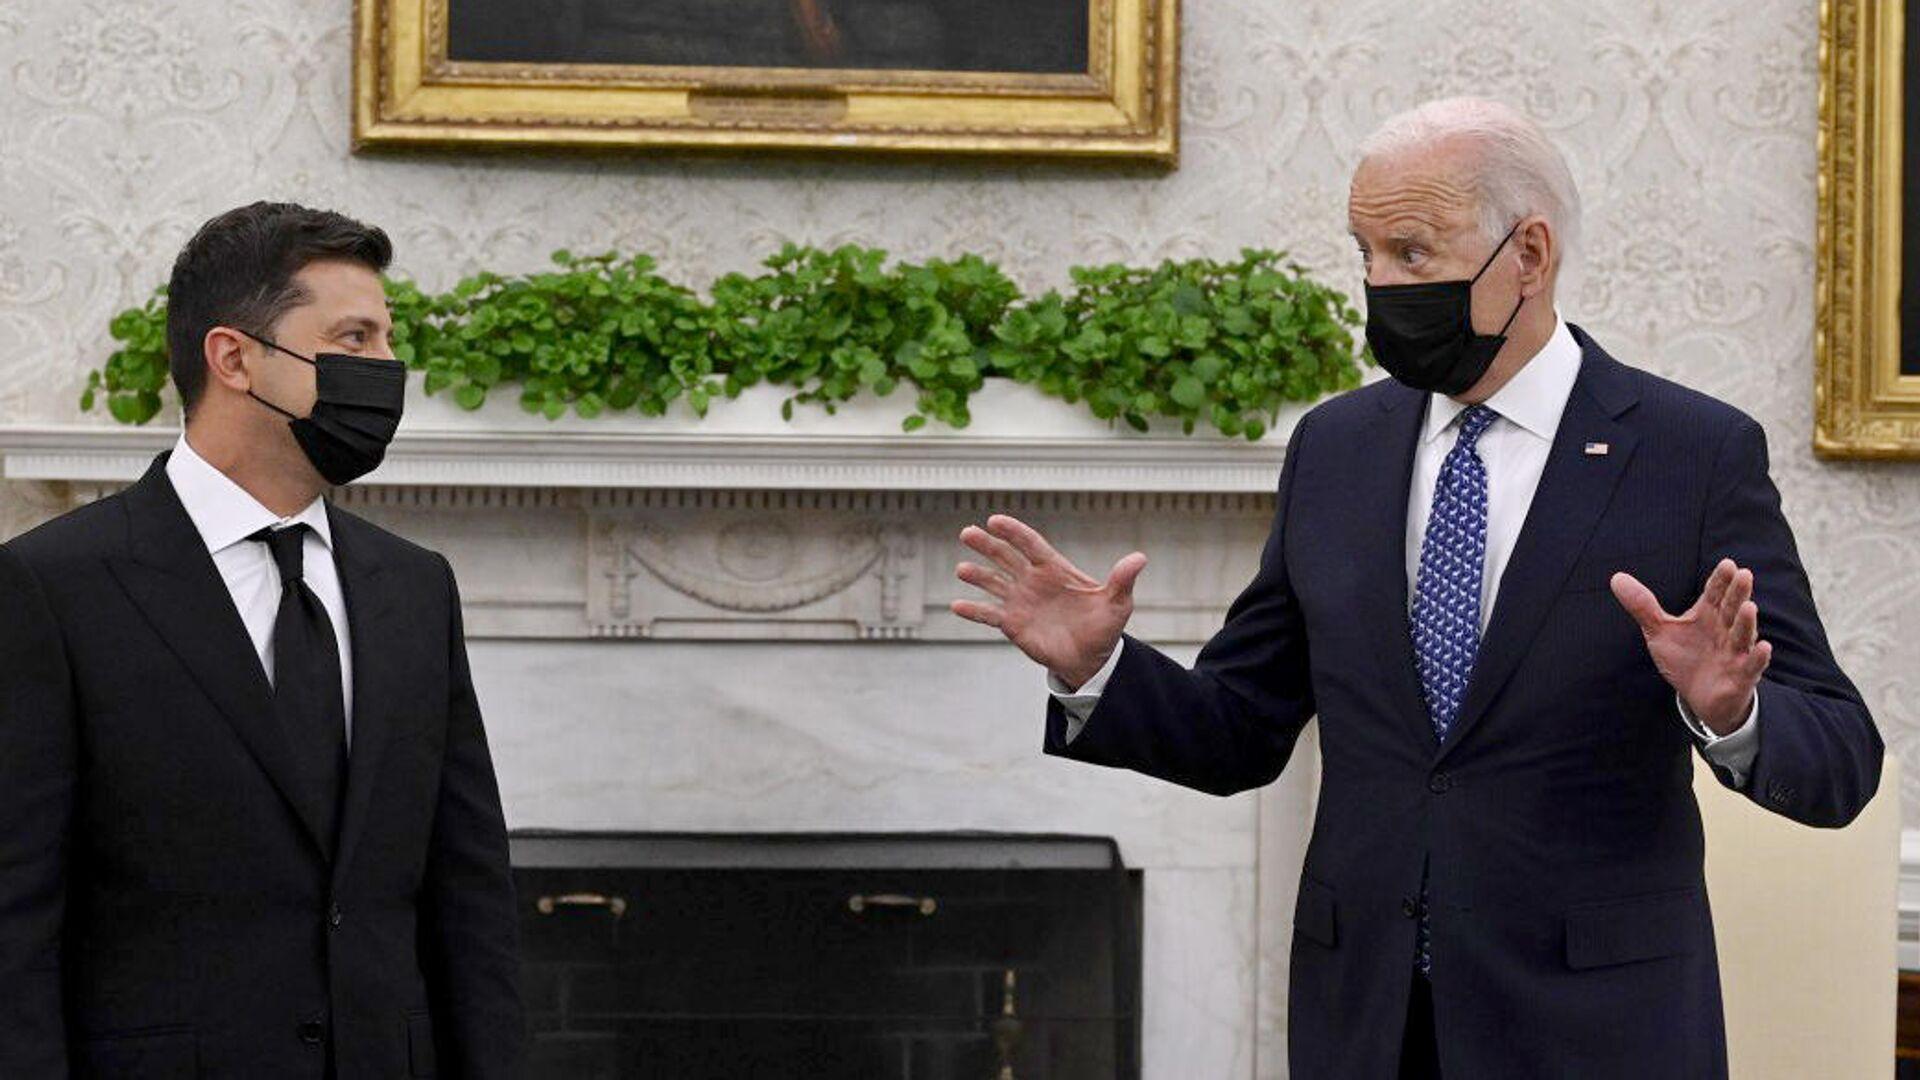 Американцы призвали Зеленского не ждать помощи Байдена после слов о войне с Россией